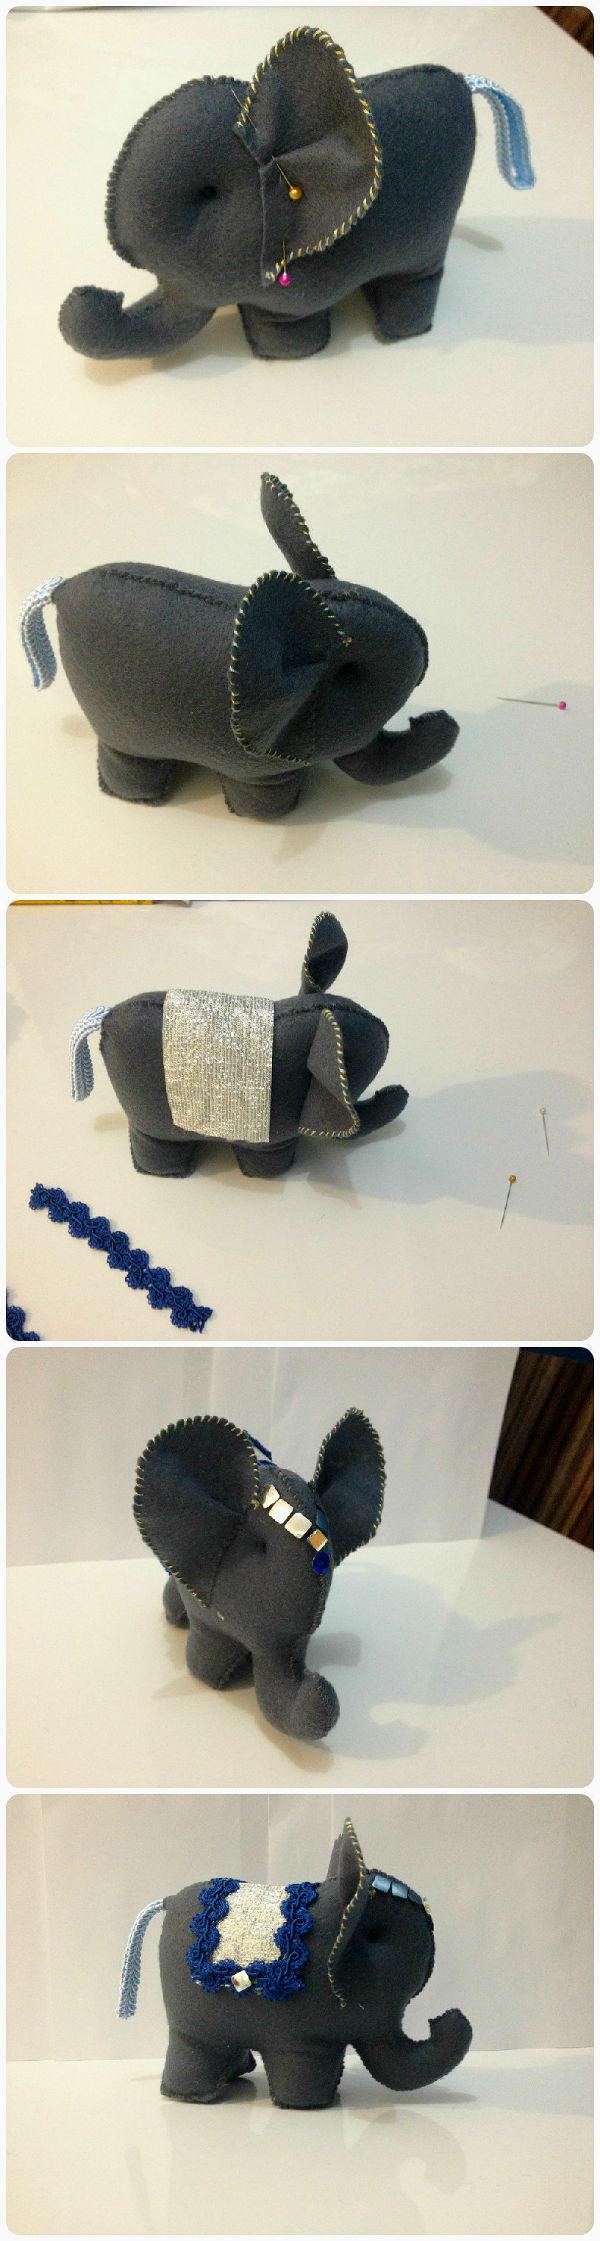 Aparador Nordico Segunda Mano ~ Como fazer um elefantinho indiano em feltro e com Hak